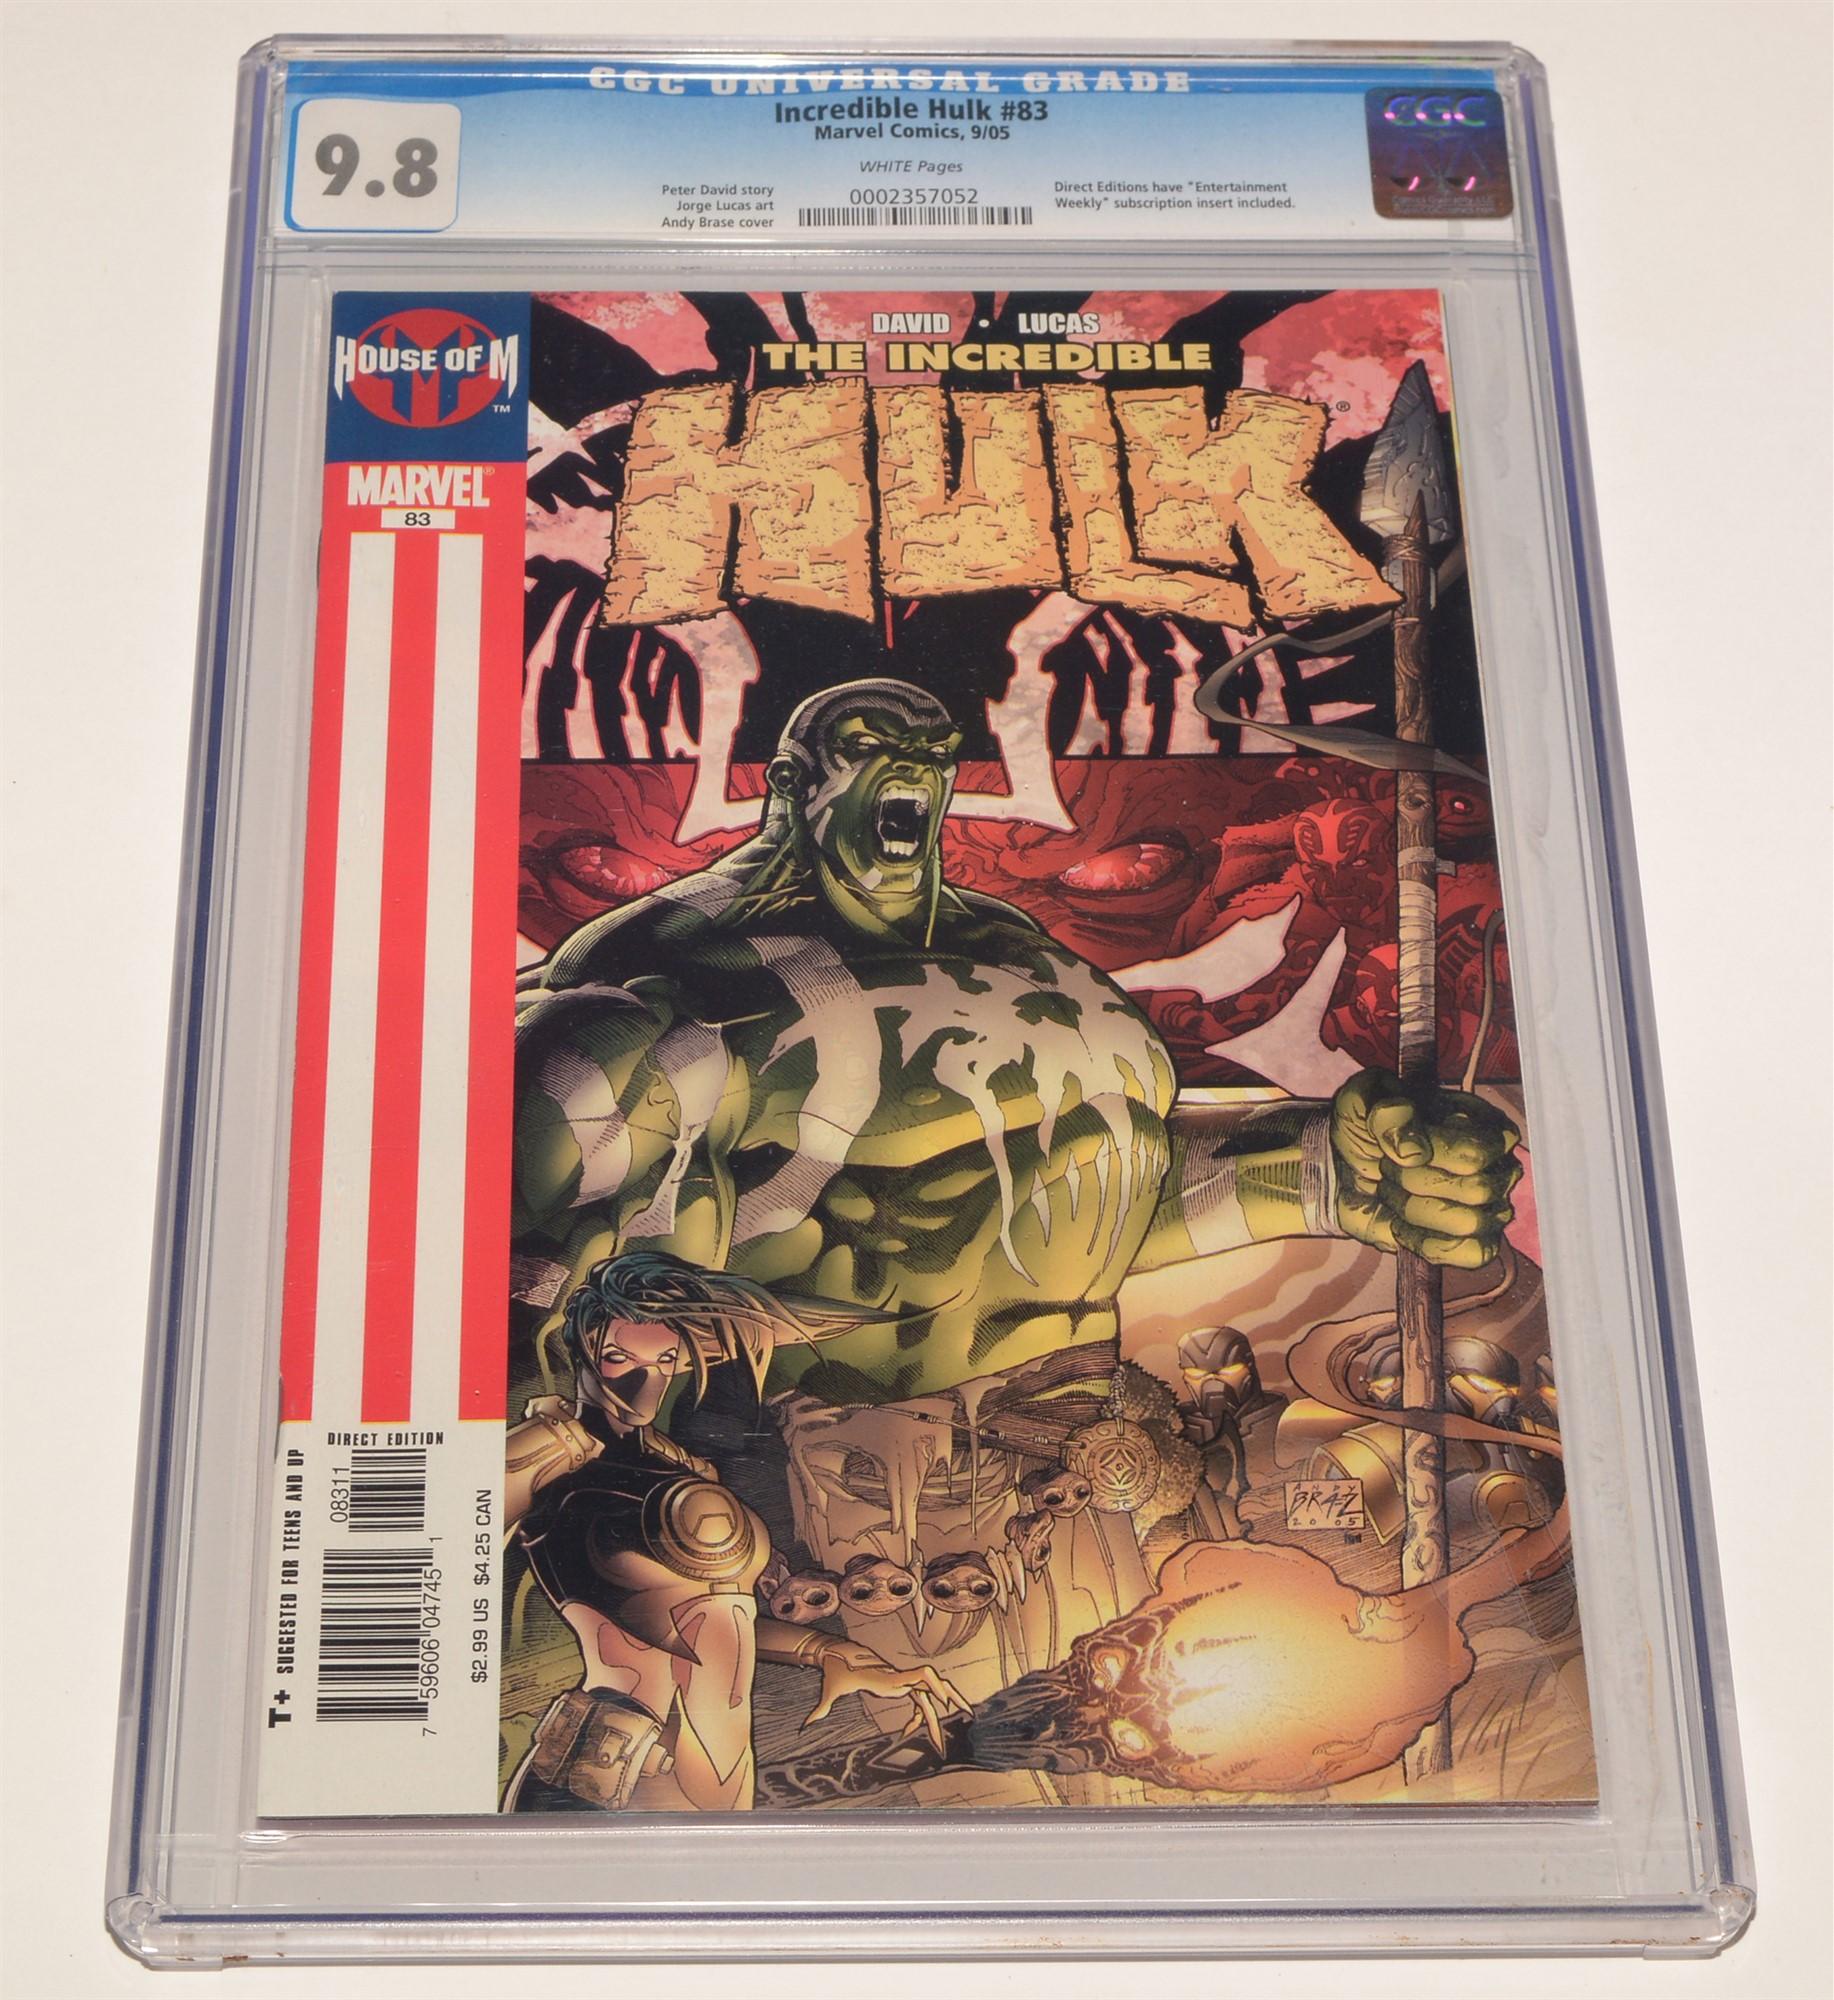 The Avengers No. 28 / Incredible Hulk No. 83 - Image 2 of 2